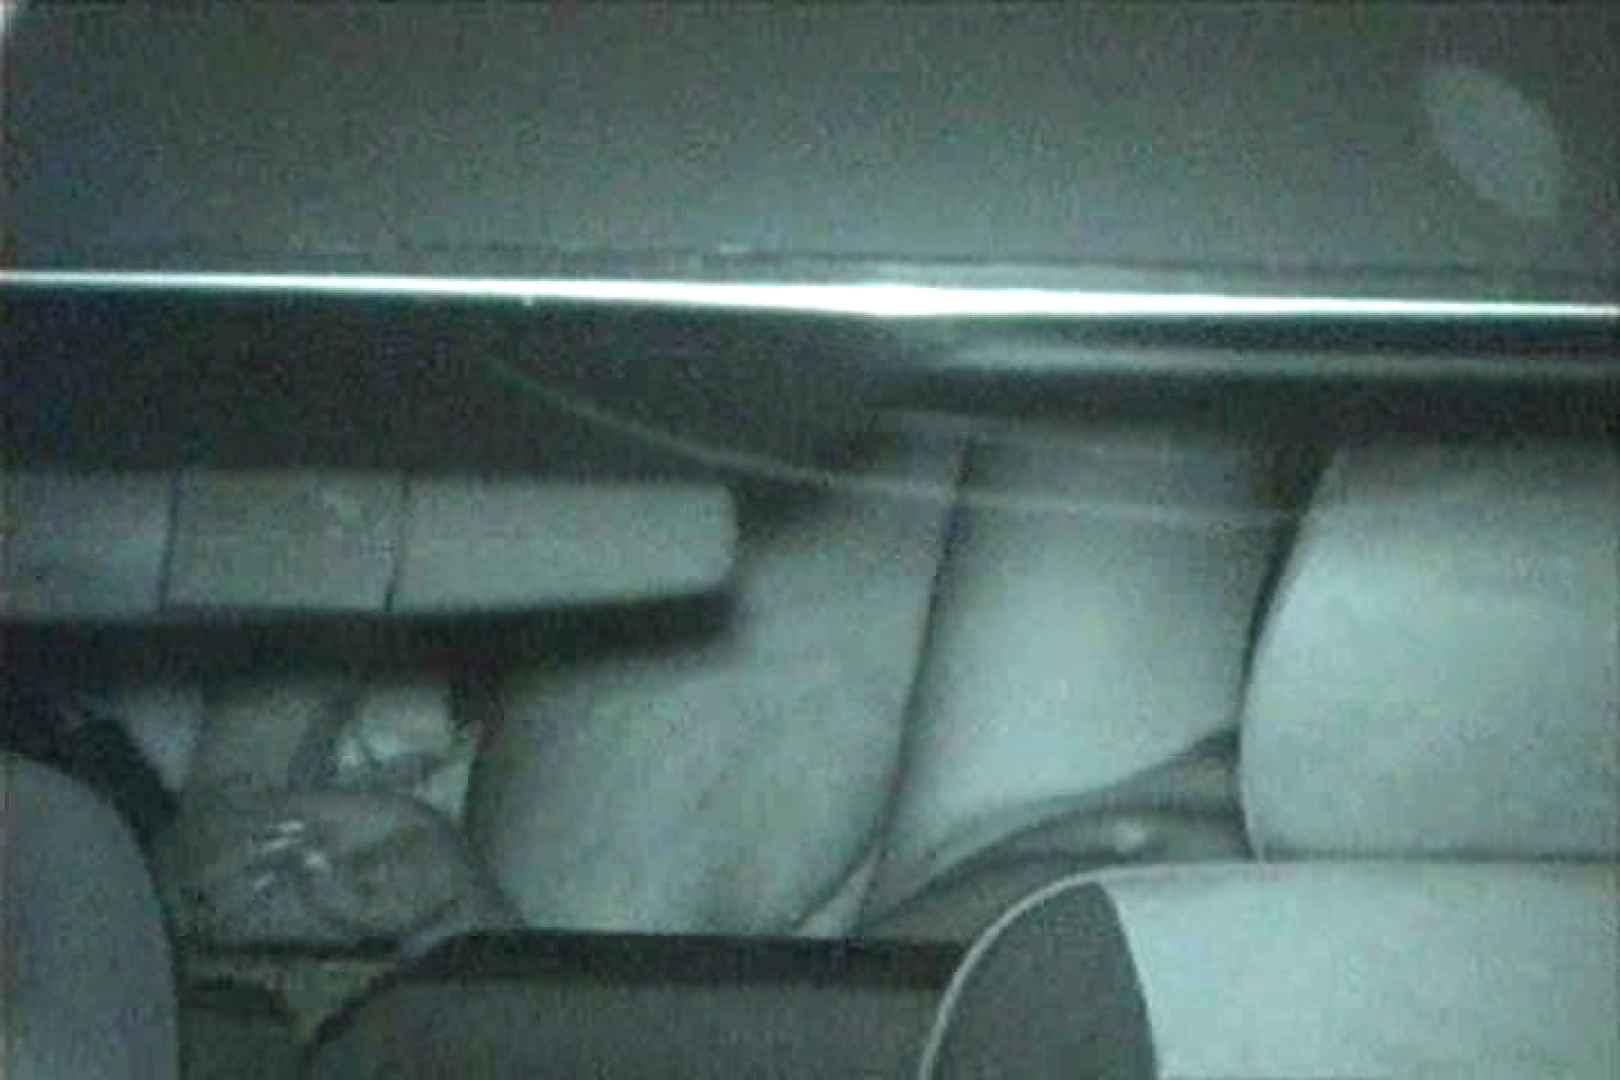 車の中はラブホテル 無修正版  Vol.24 車の中のカップル  102画像 70